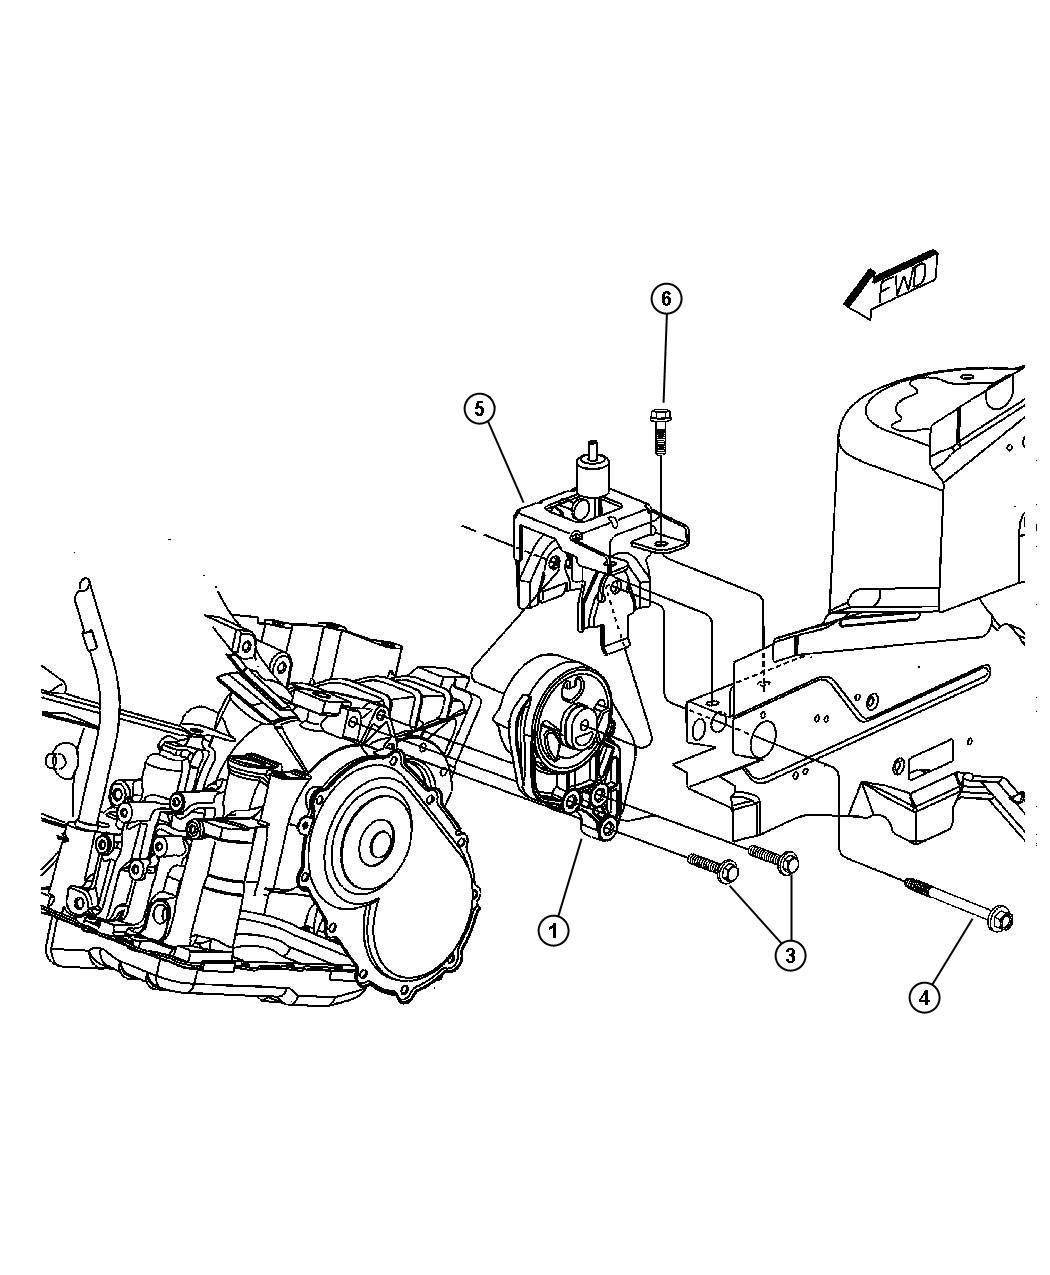 Dodge Dakota Support Engine Mount Isolator Bushing